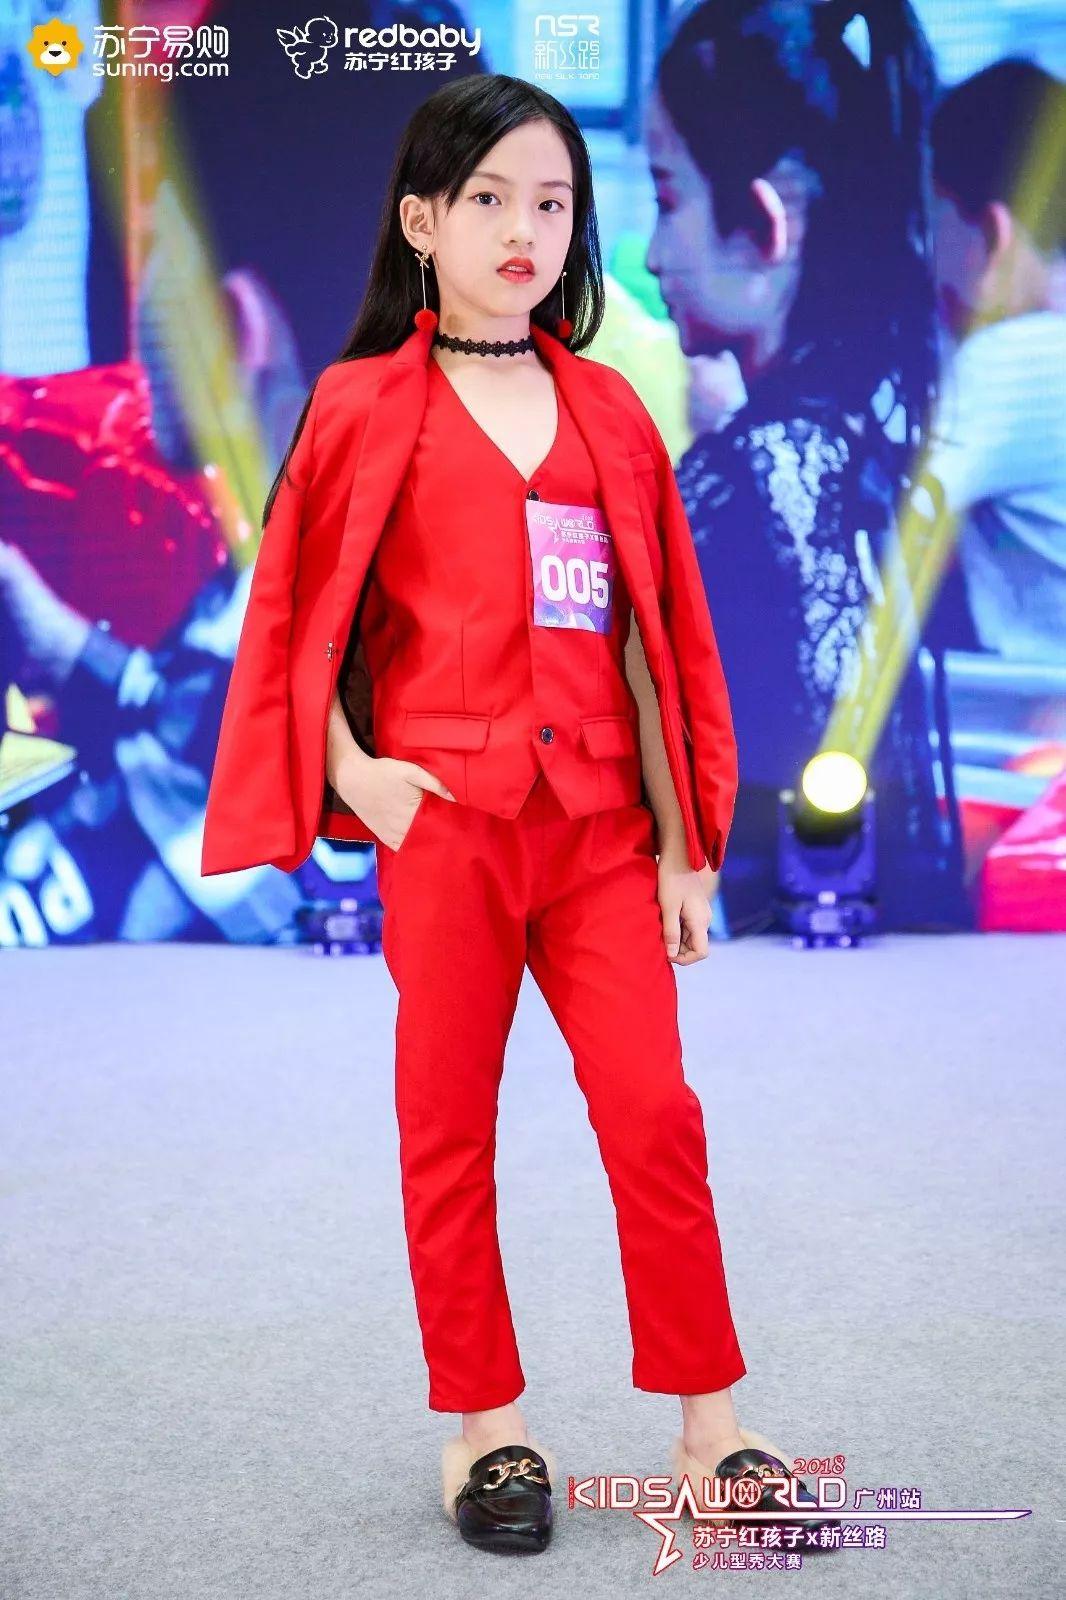 广州模特苏宁身高